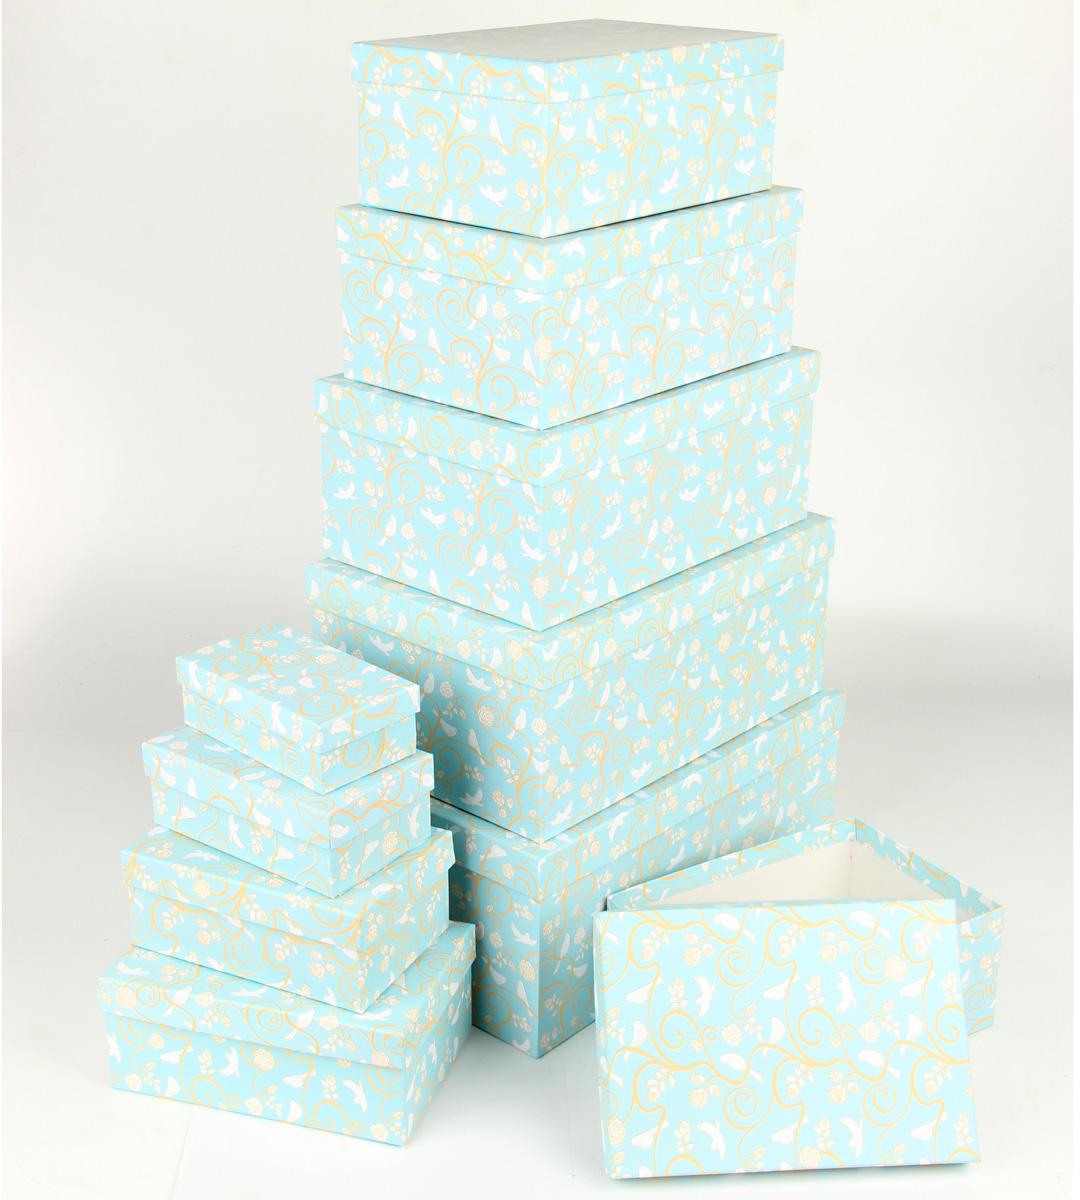 Набор подарочных коробок Veld-Co Небесные музыканты, прямоугольные, 10 шт67655Подарочные коробки Veld-Co - это наилучшее решение, если выхотите порадовать ваших близких и создать праздничное настроение, ведь подарок, преподнесенный в оригинальной упаковке, всегда будет самым эффектным и запоминающимся. Окружите близких людей вниманием и заботой, вручив презент в нарядном, праздничном оформлении.